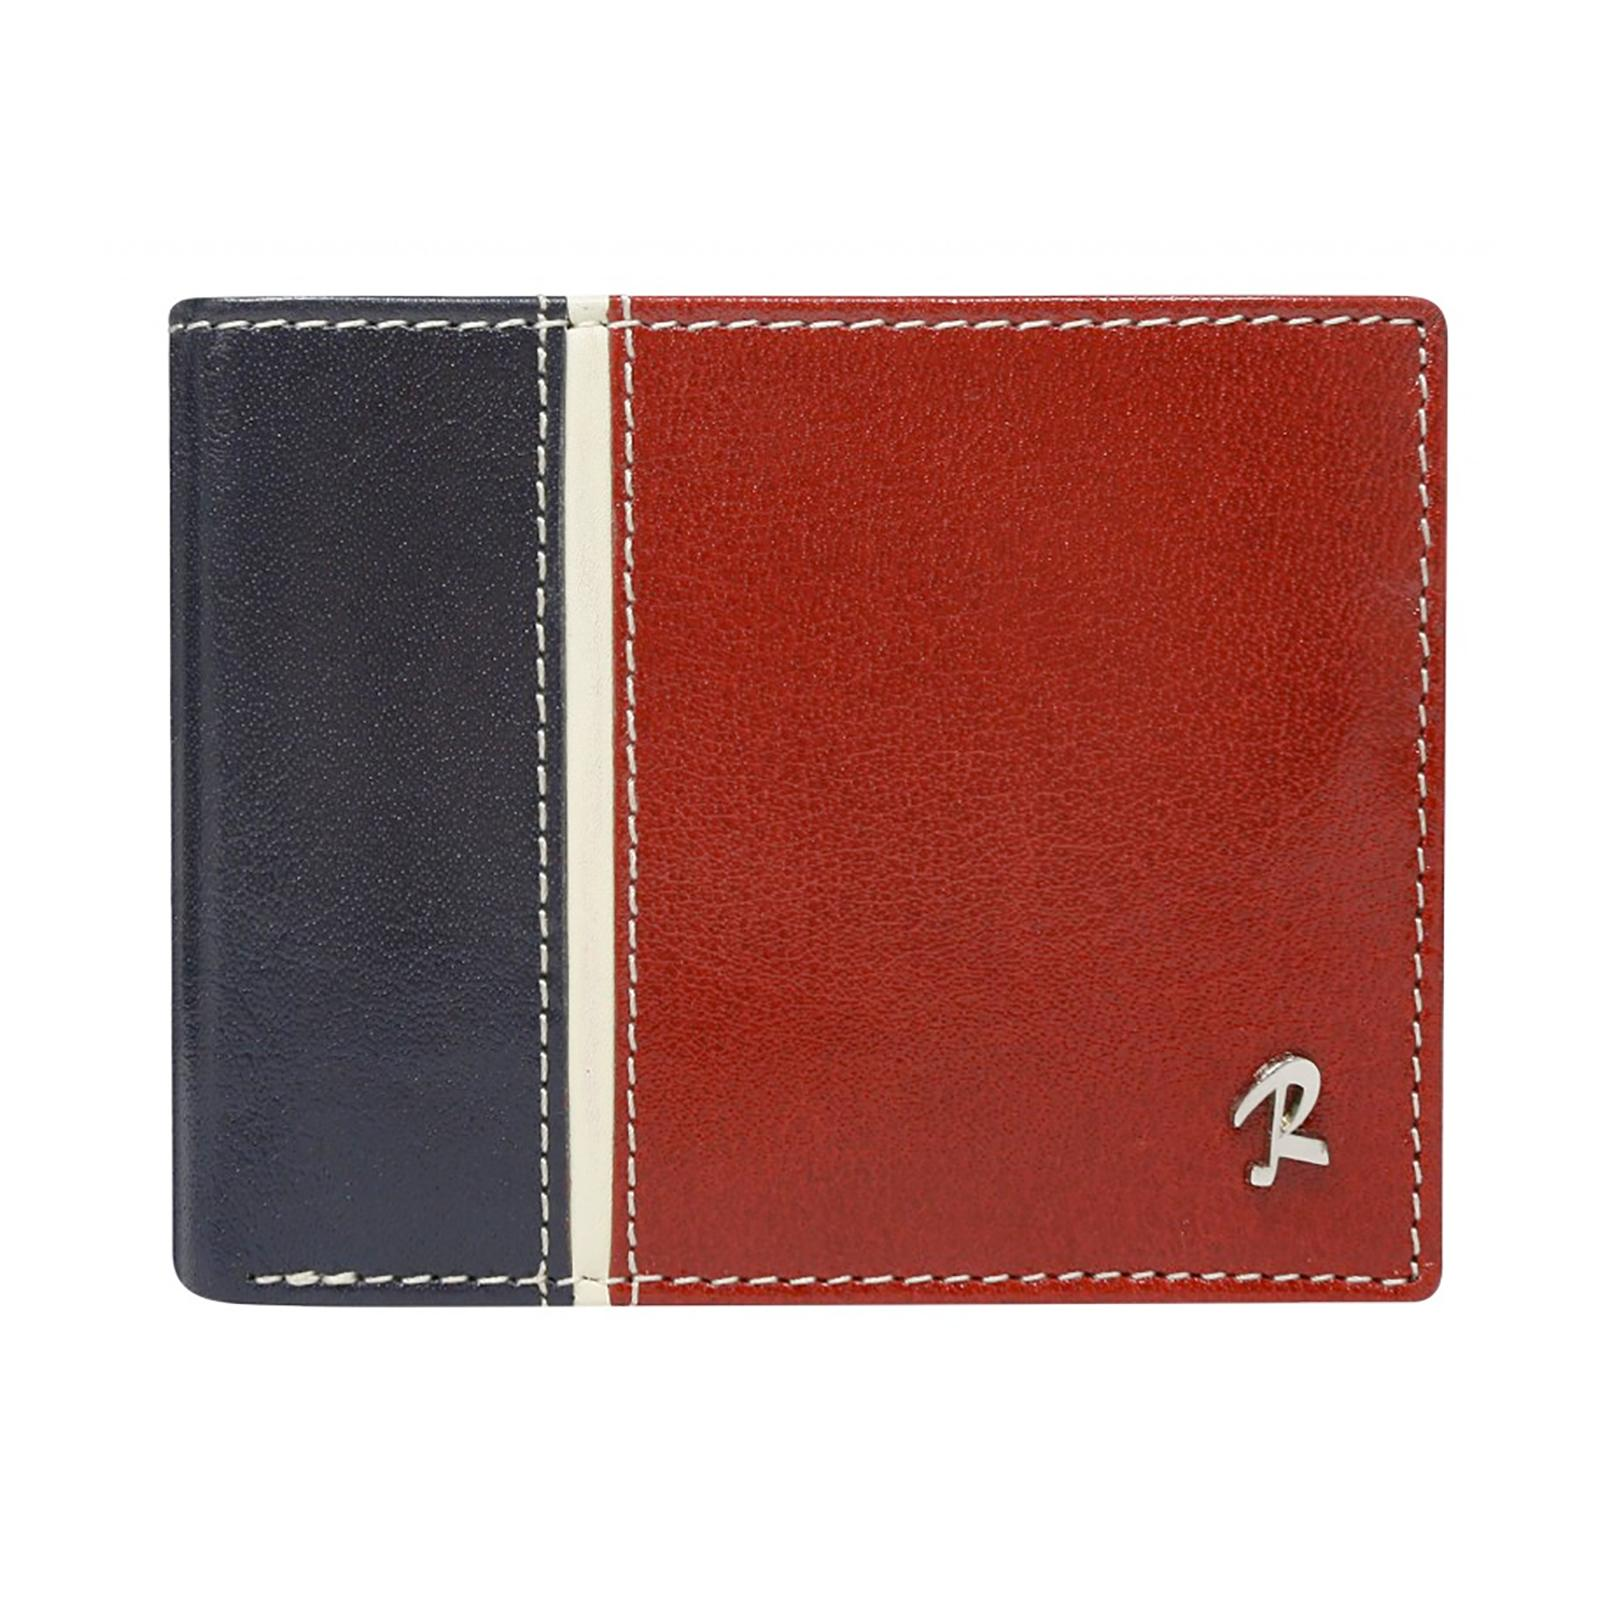 Pánska kožená peňaženka.